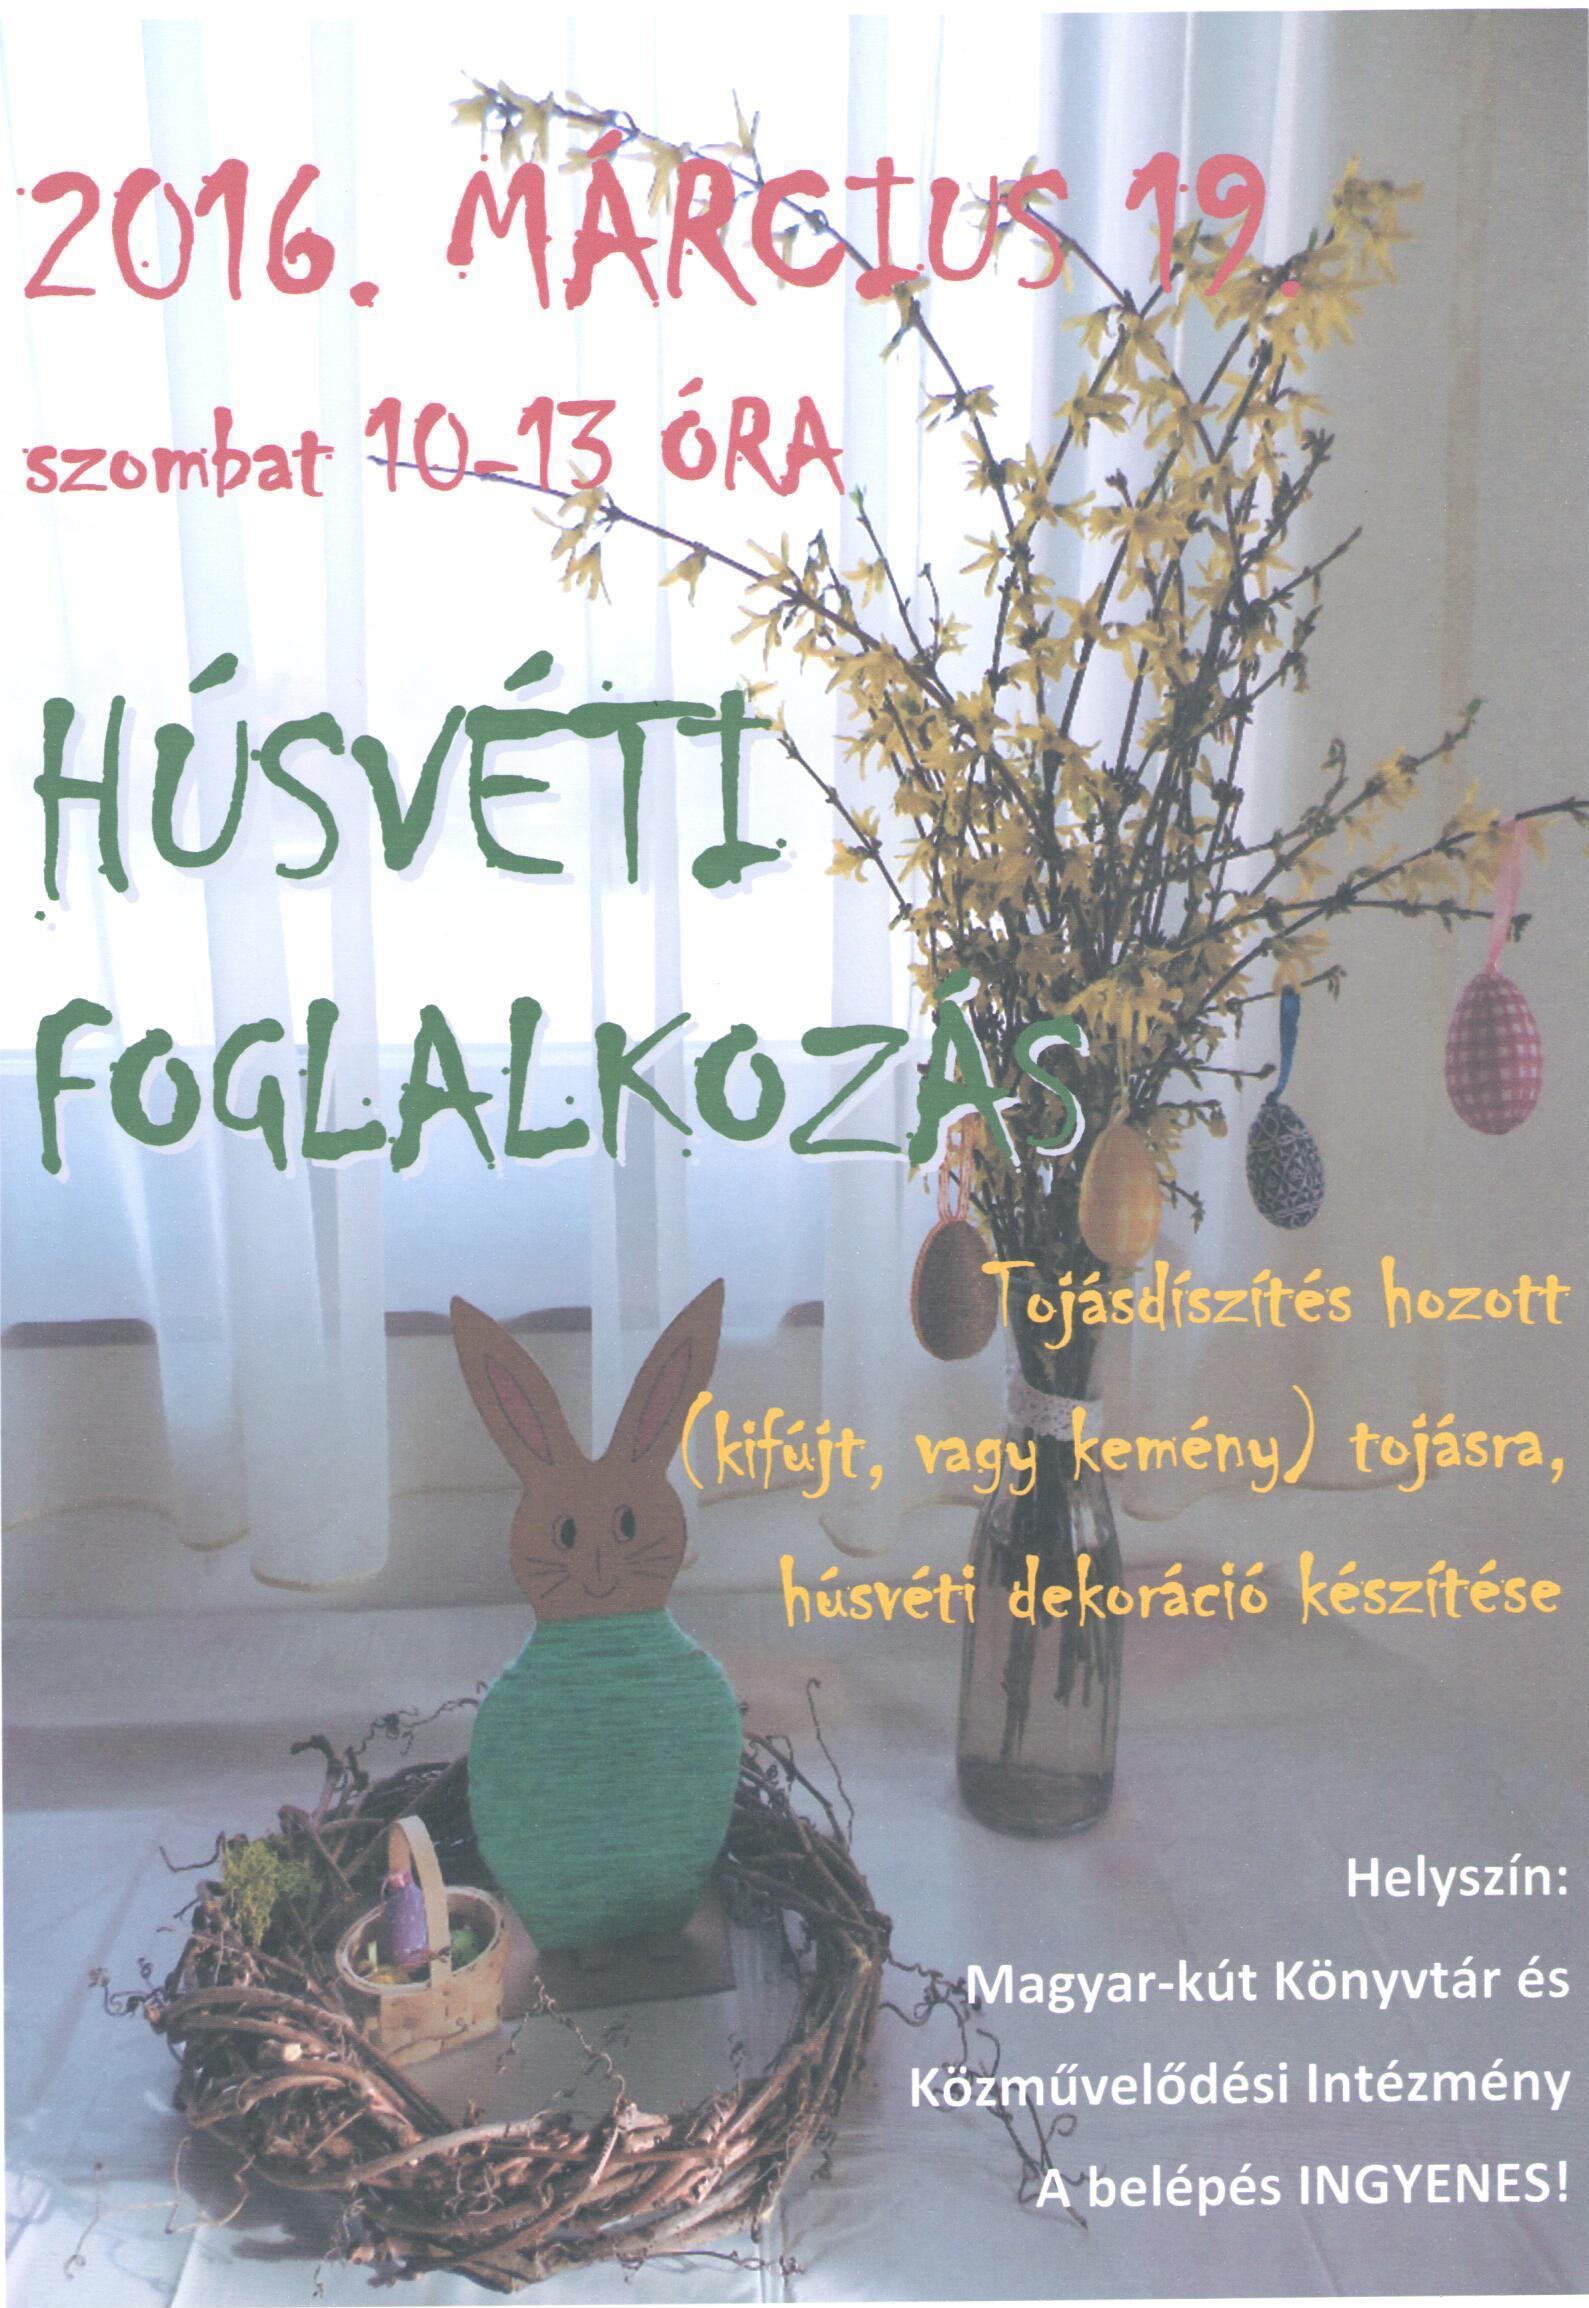 Húsvéti kézűves foglalkozás meghívó